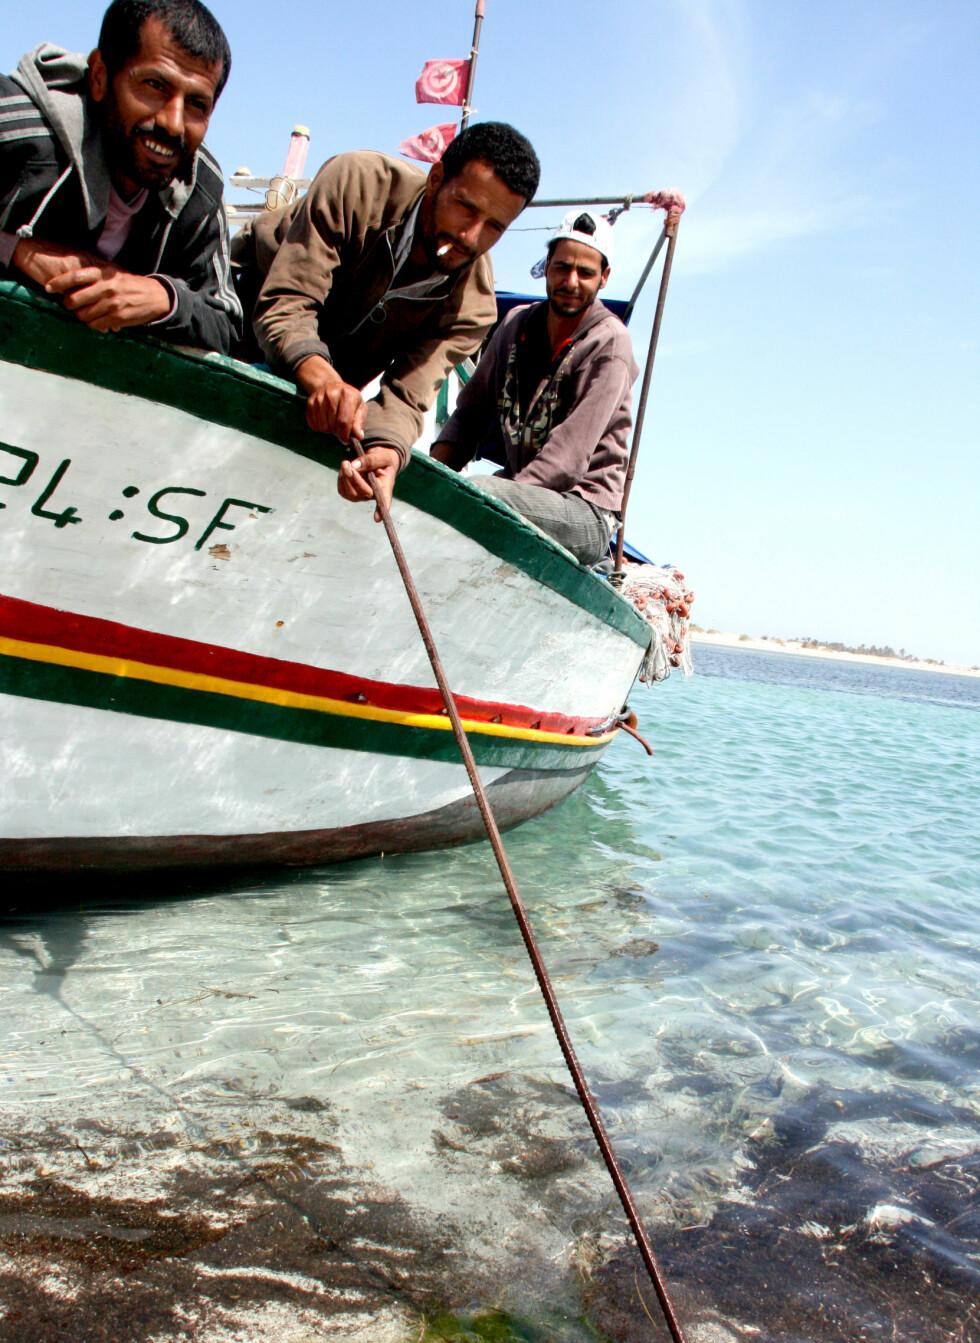 Tre tunisiske rekefiskere er klare for å gjøre dagens fangst. Foto: Kim Jansson